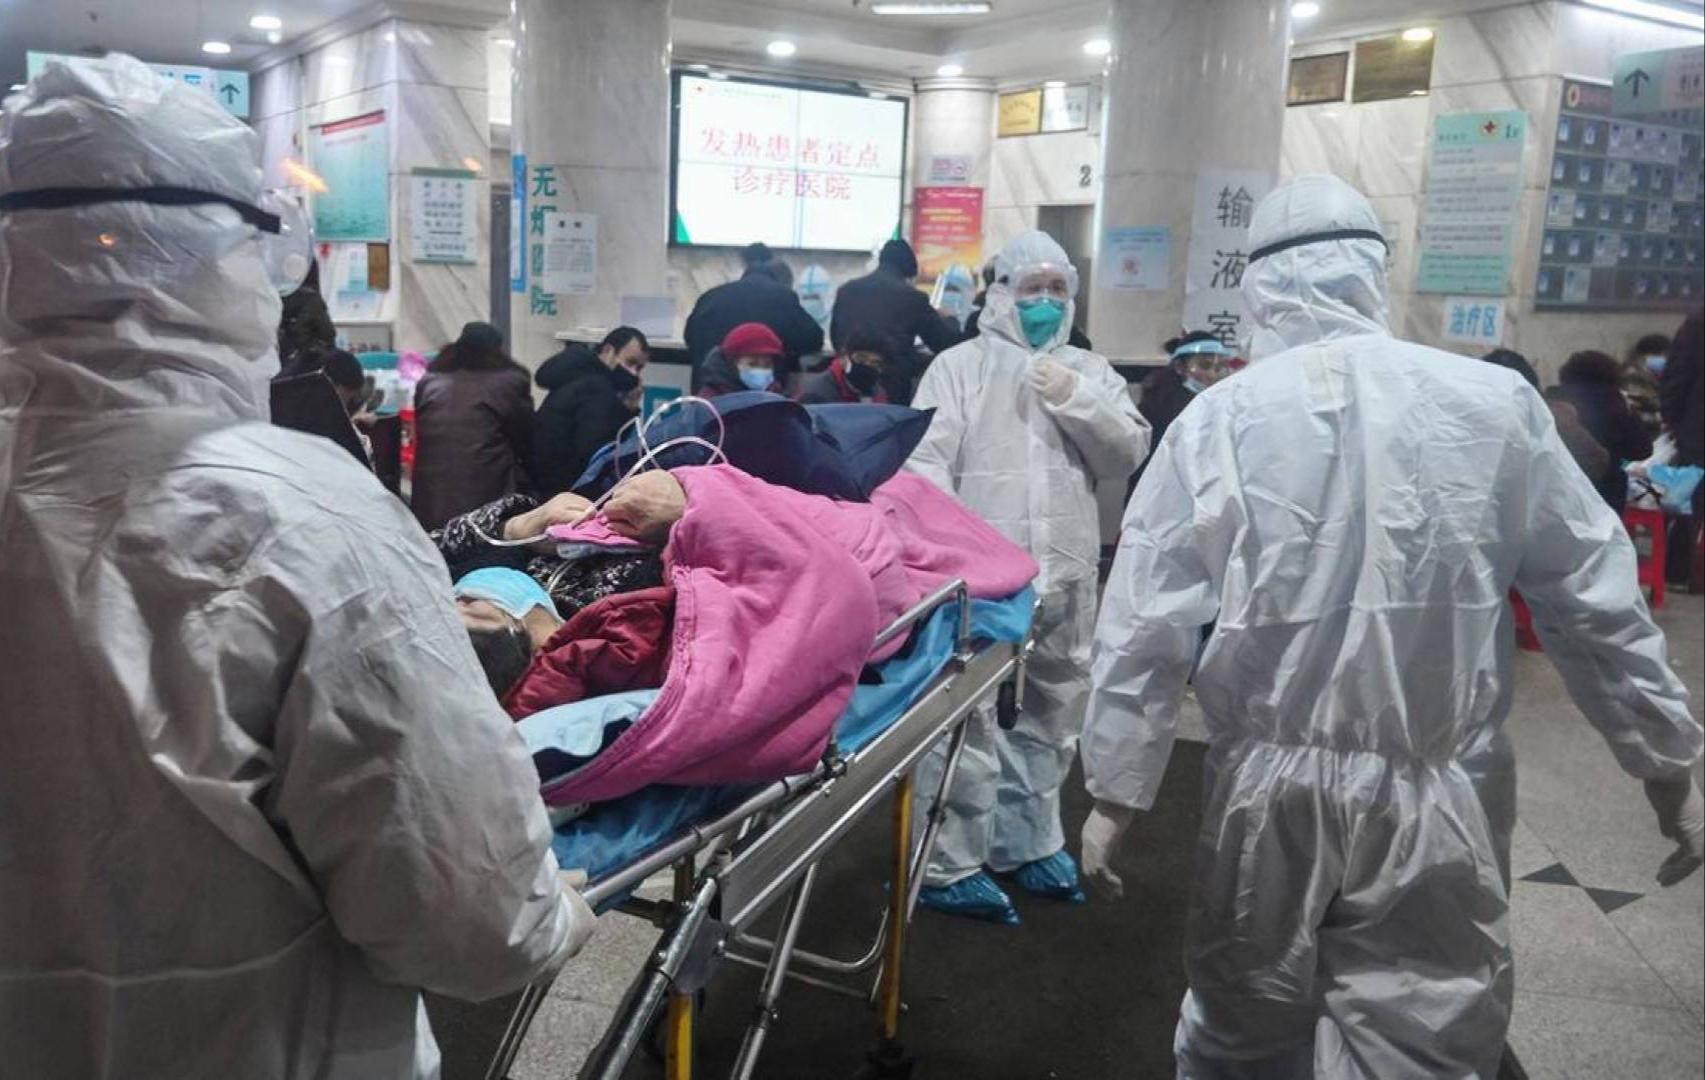 استاذ ازمور يغادر مستشفى الجديدة لاستكمال علاجه من كورونا في المنزل